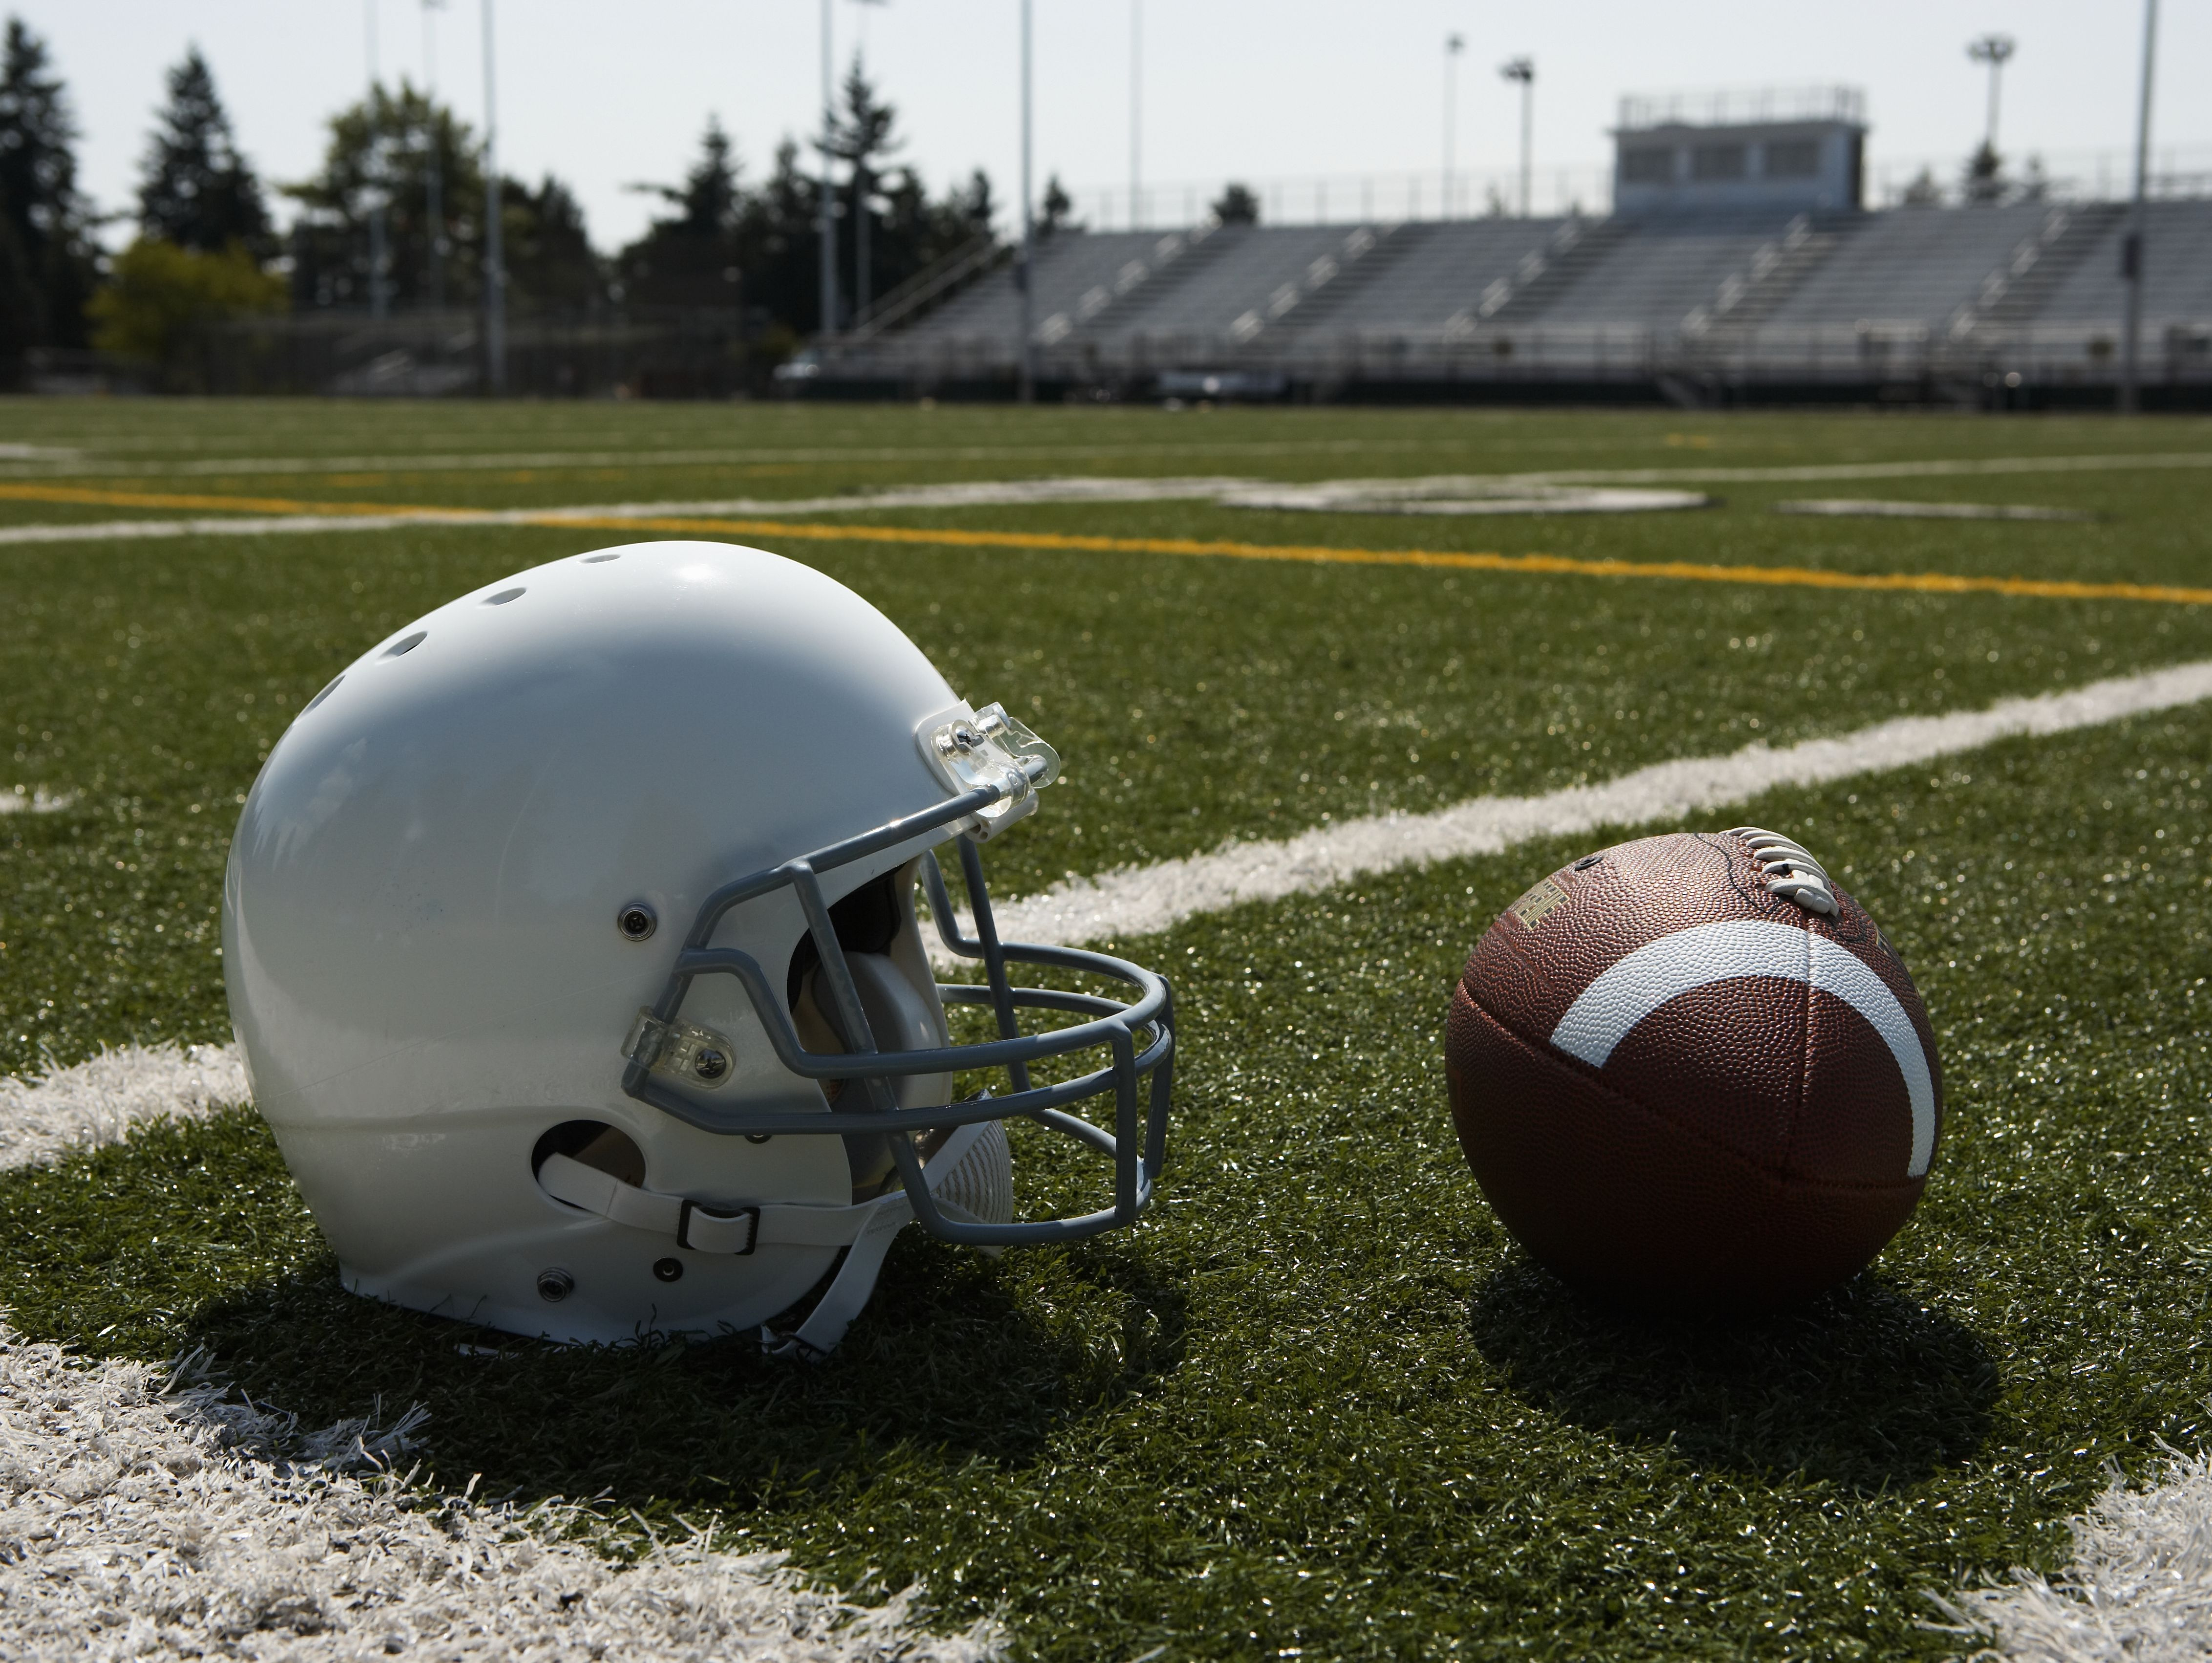 Football and football helmet on football field.